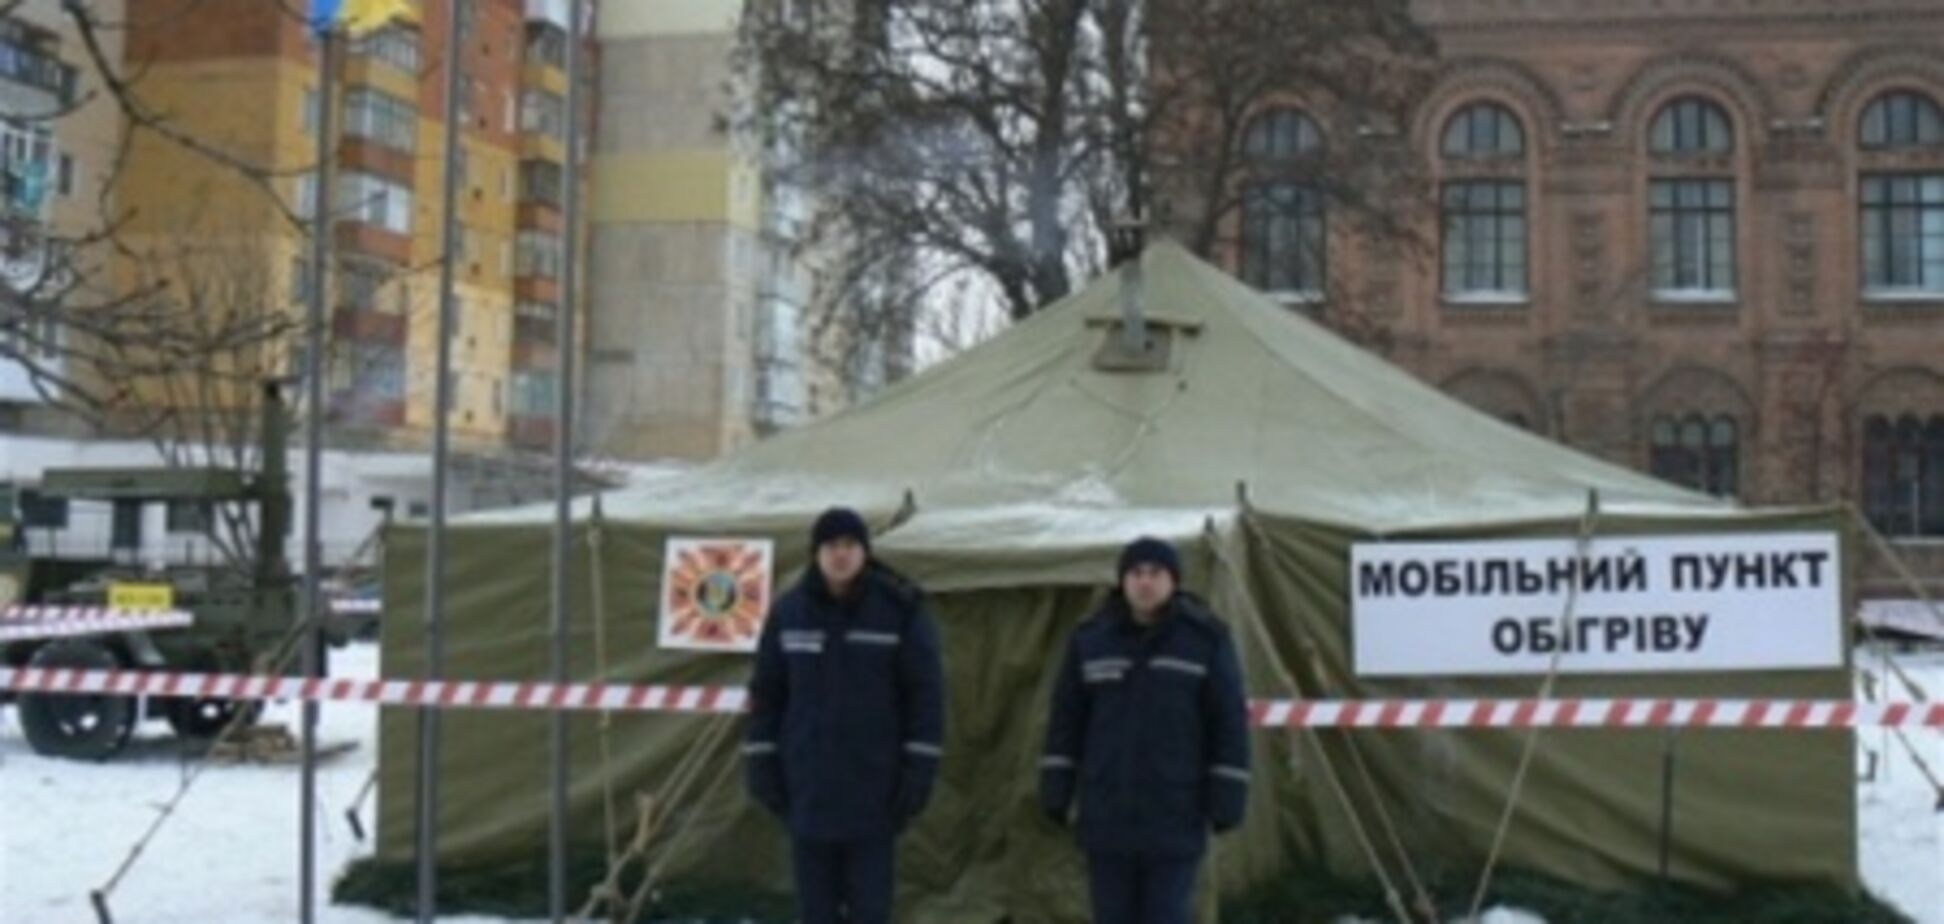 Близько двох тисяч кіровоградців вчора залишилися без тепла